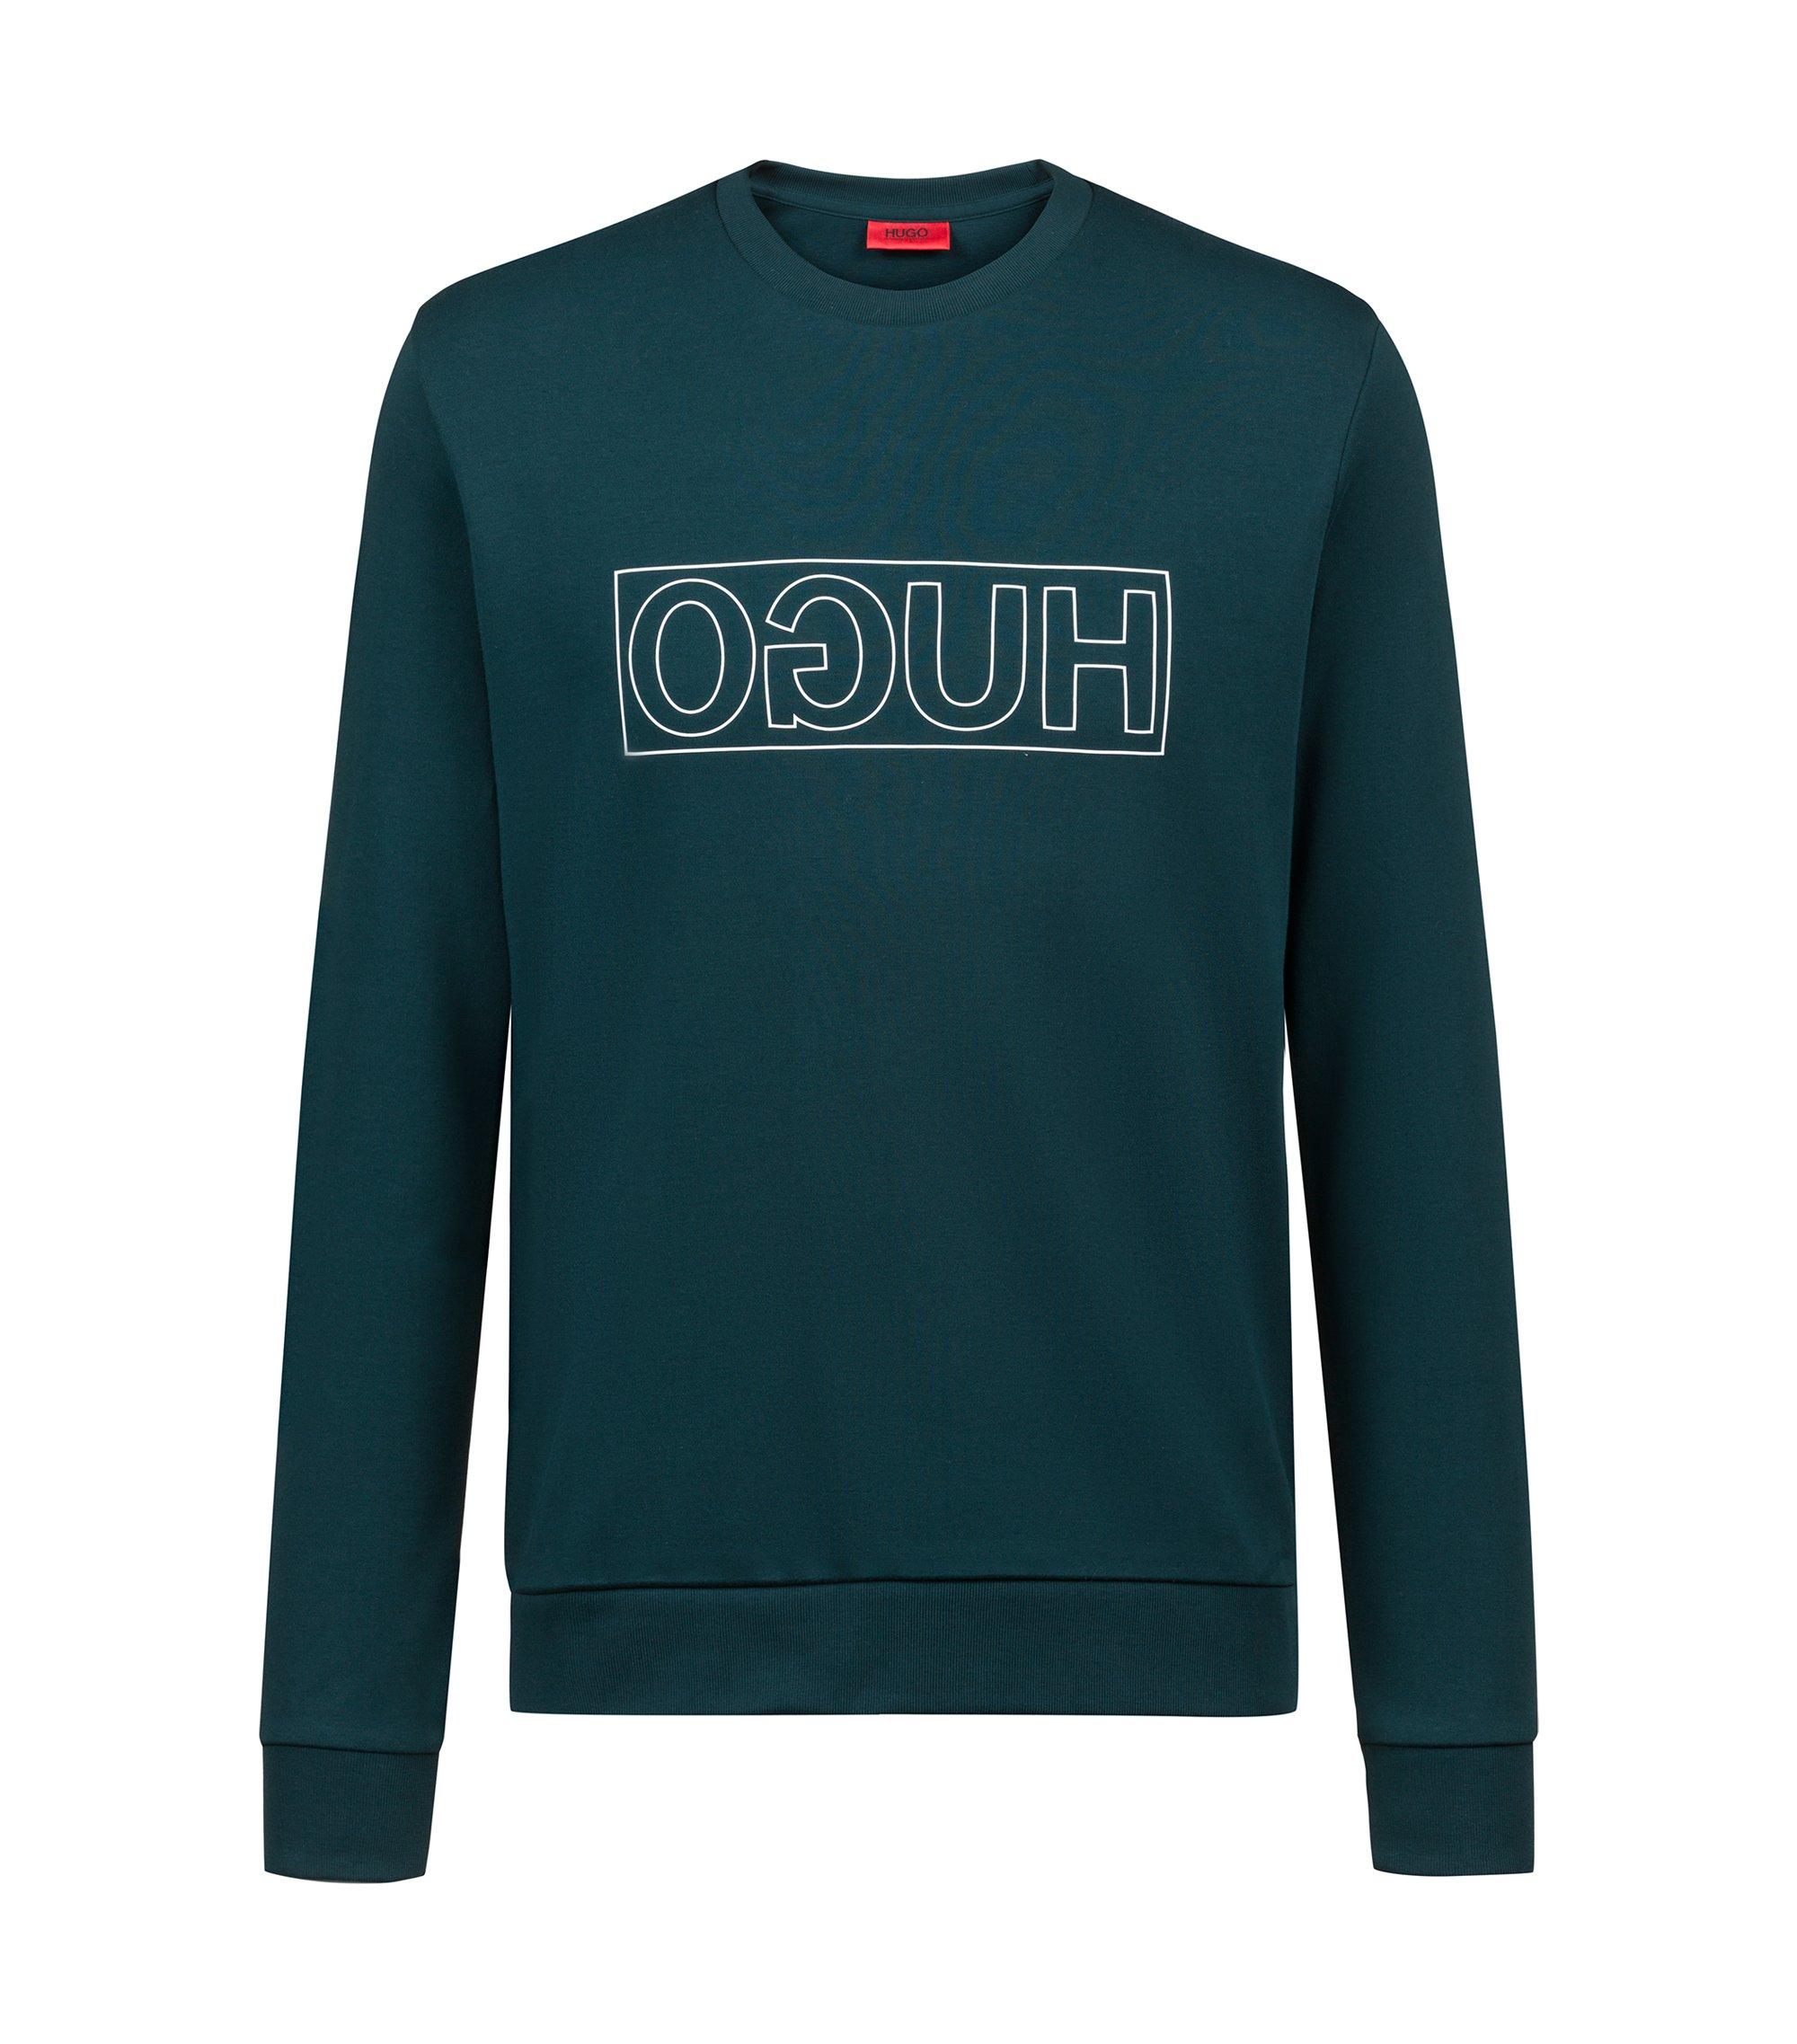 Sweat à col ras-du-cou en pur coton à logo inversé, Vert sombre